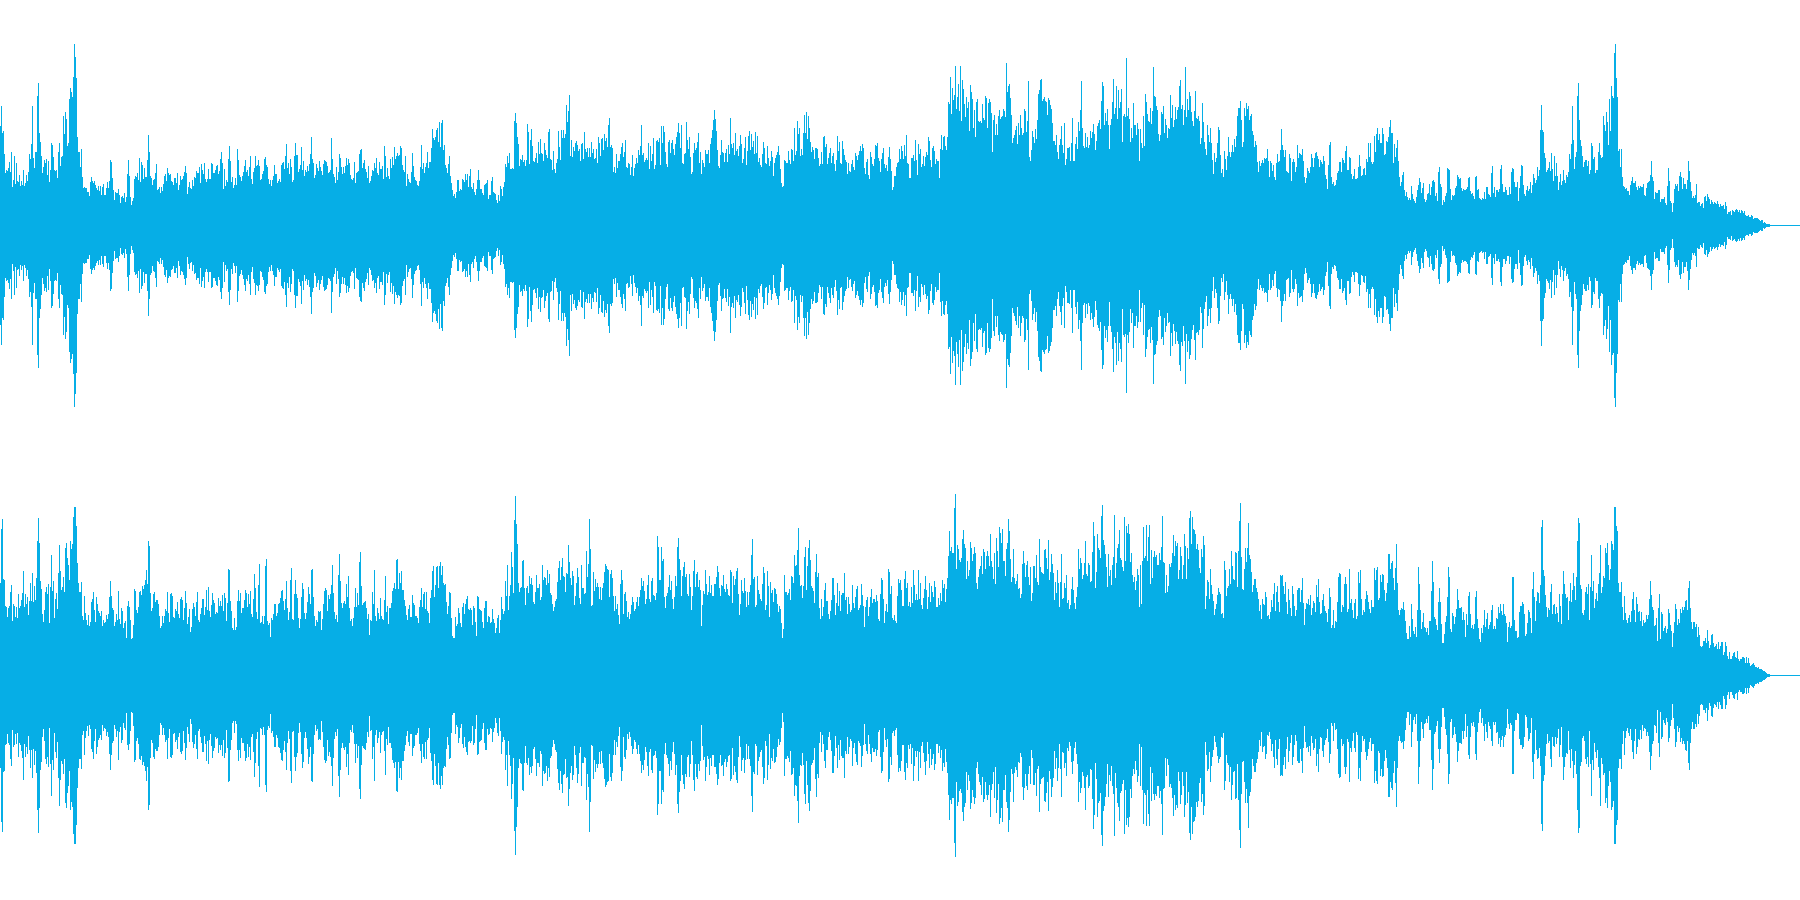 RPG:戦闘シーン用BGM1の再生済みの波形